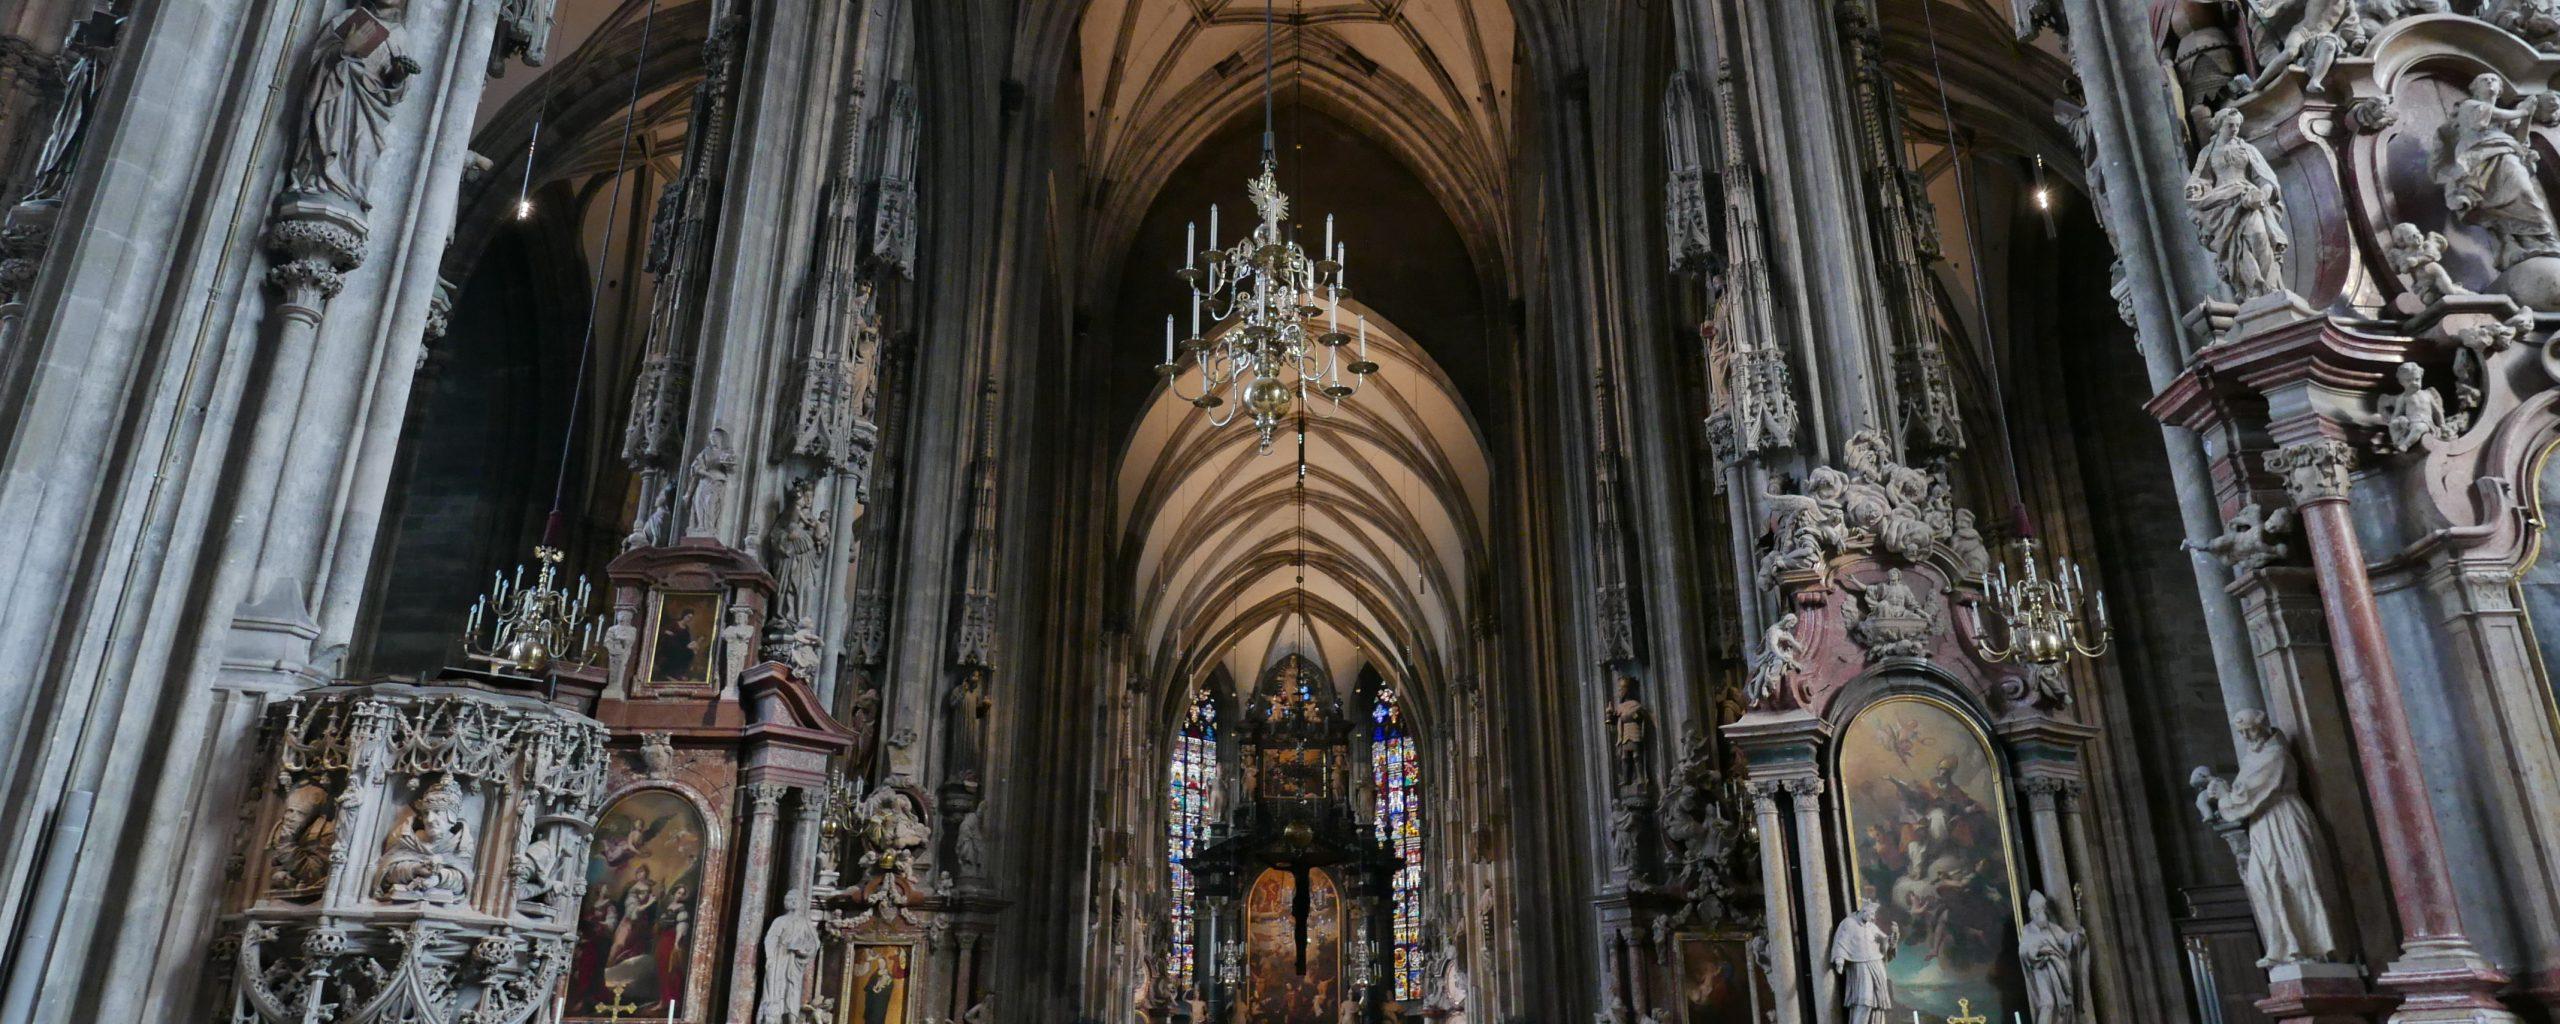 維也納景點|舊城區-格拉本大街、黑死病紀念柱、聖史蒂芬大教堂